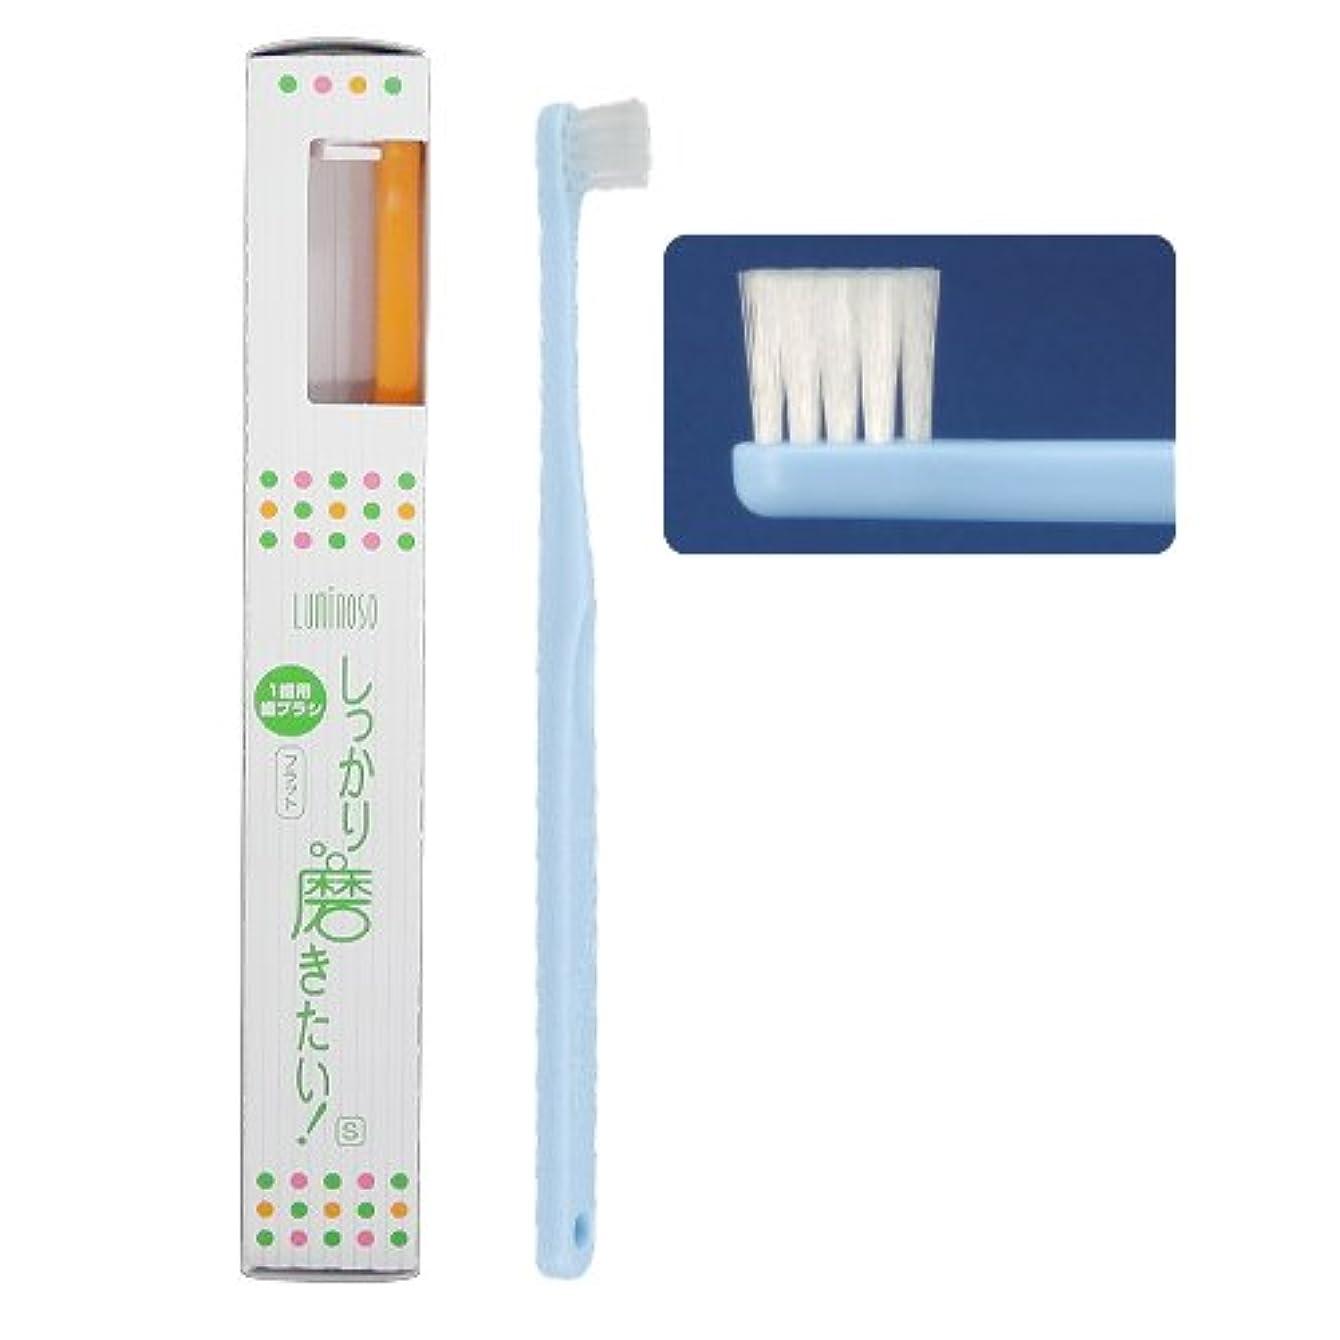 有彩色の悲惨なオプションルミノソ 1歯用歯ブラシ 「しっかり磨きたい!」 フラット/ソフト